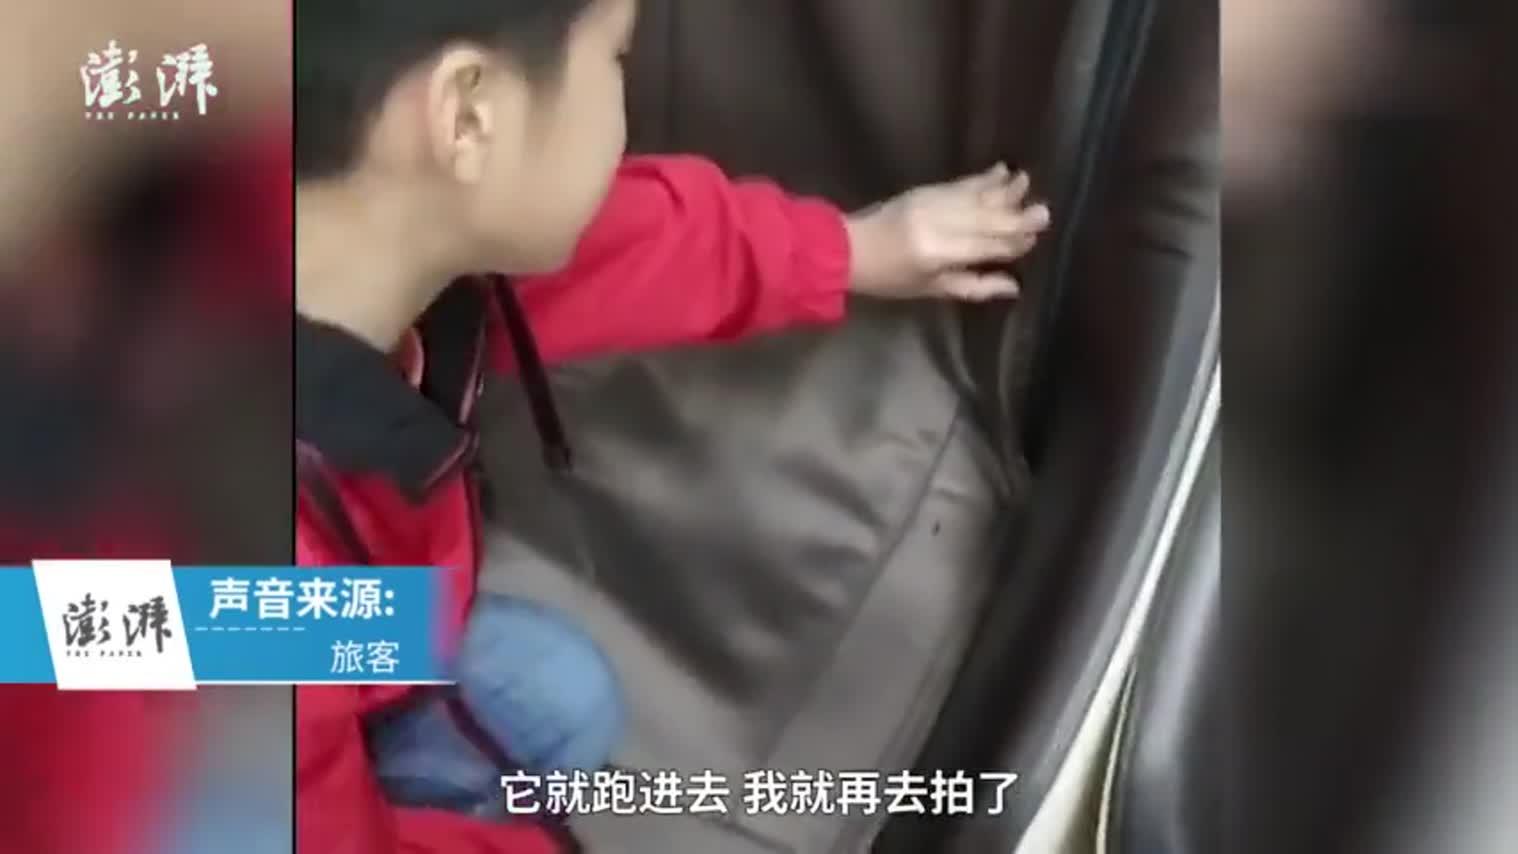 视频:慎点!车站按摩椅内蟑螂成群 或因食物落入